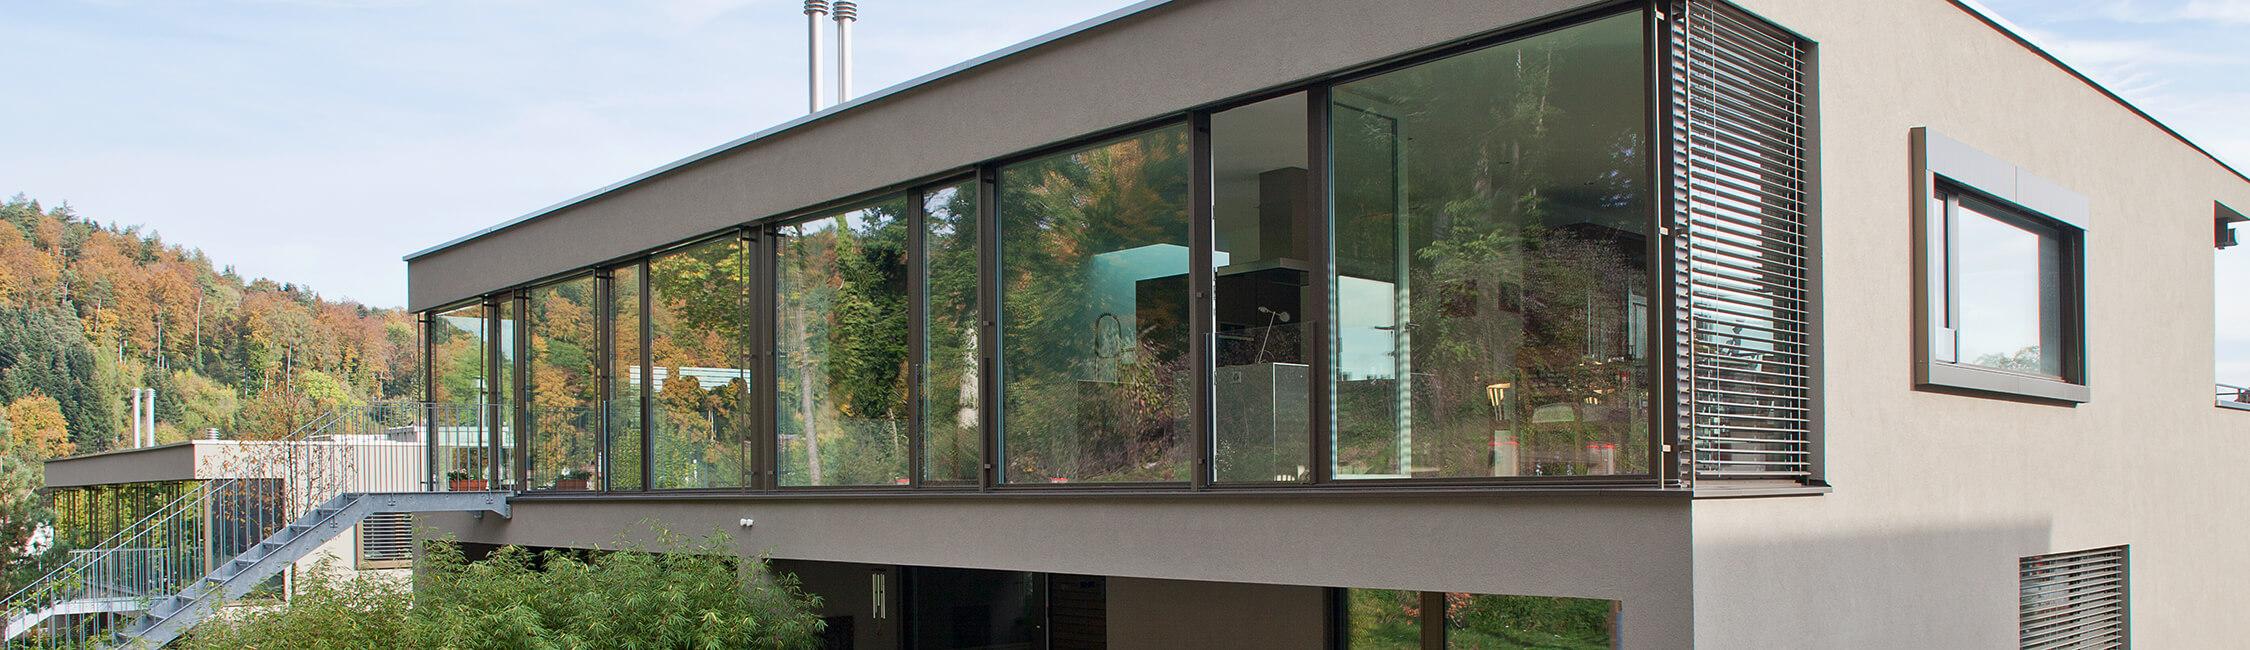 Full Size of Rehau Fenster Geneo Preise Forum Brillant Test Einstellen Synego Ad Erfahrung Online Kaufen Erfahrungen Fuchs Gmbh Energieeffiziente Und Tren Aus Altheim Fenster Rehau Fenster